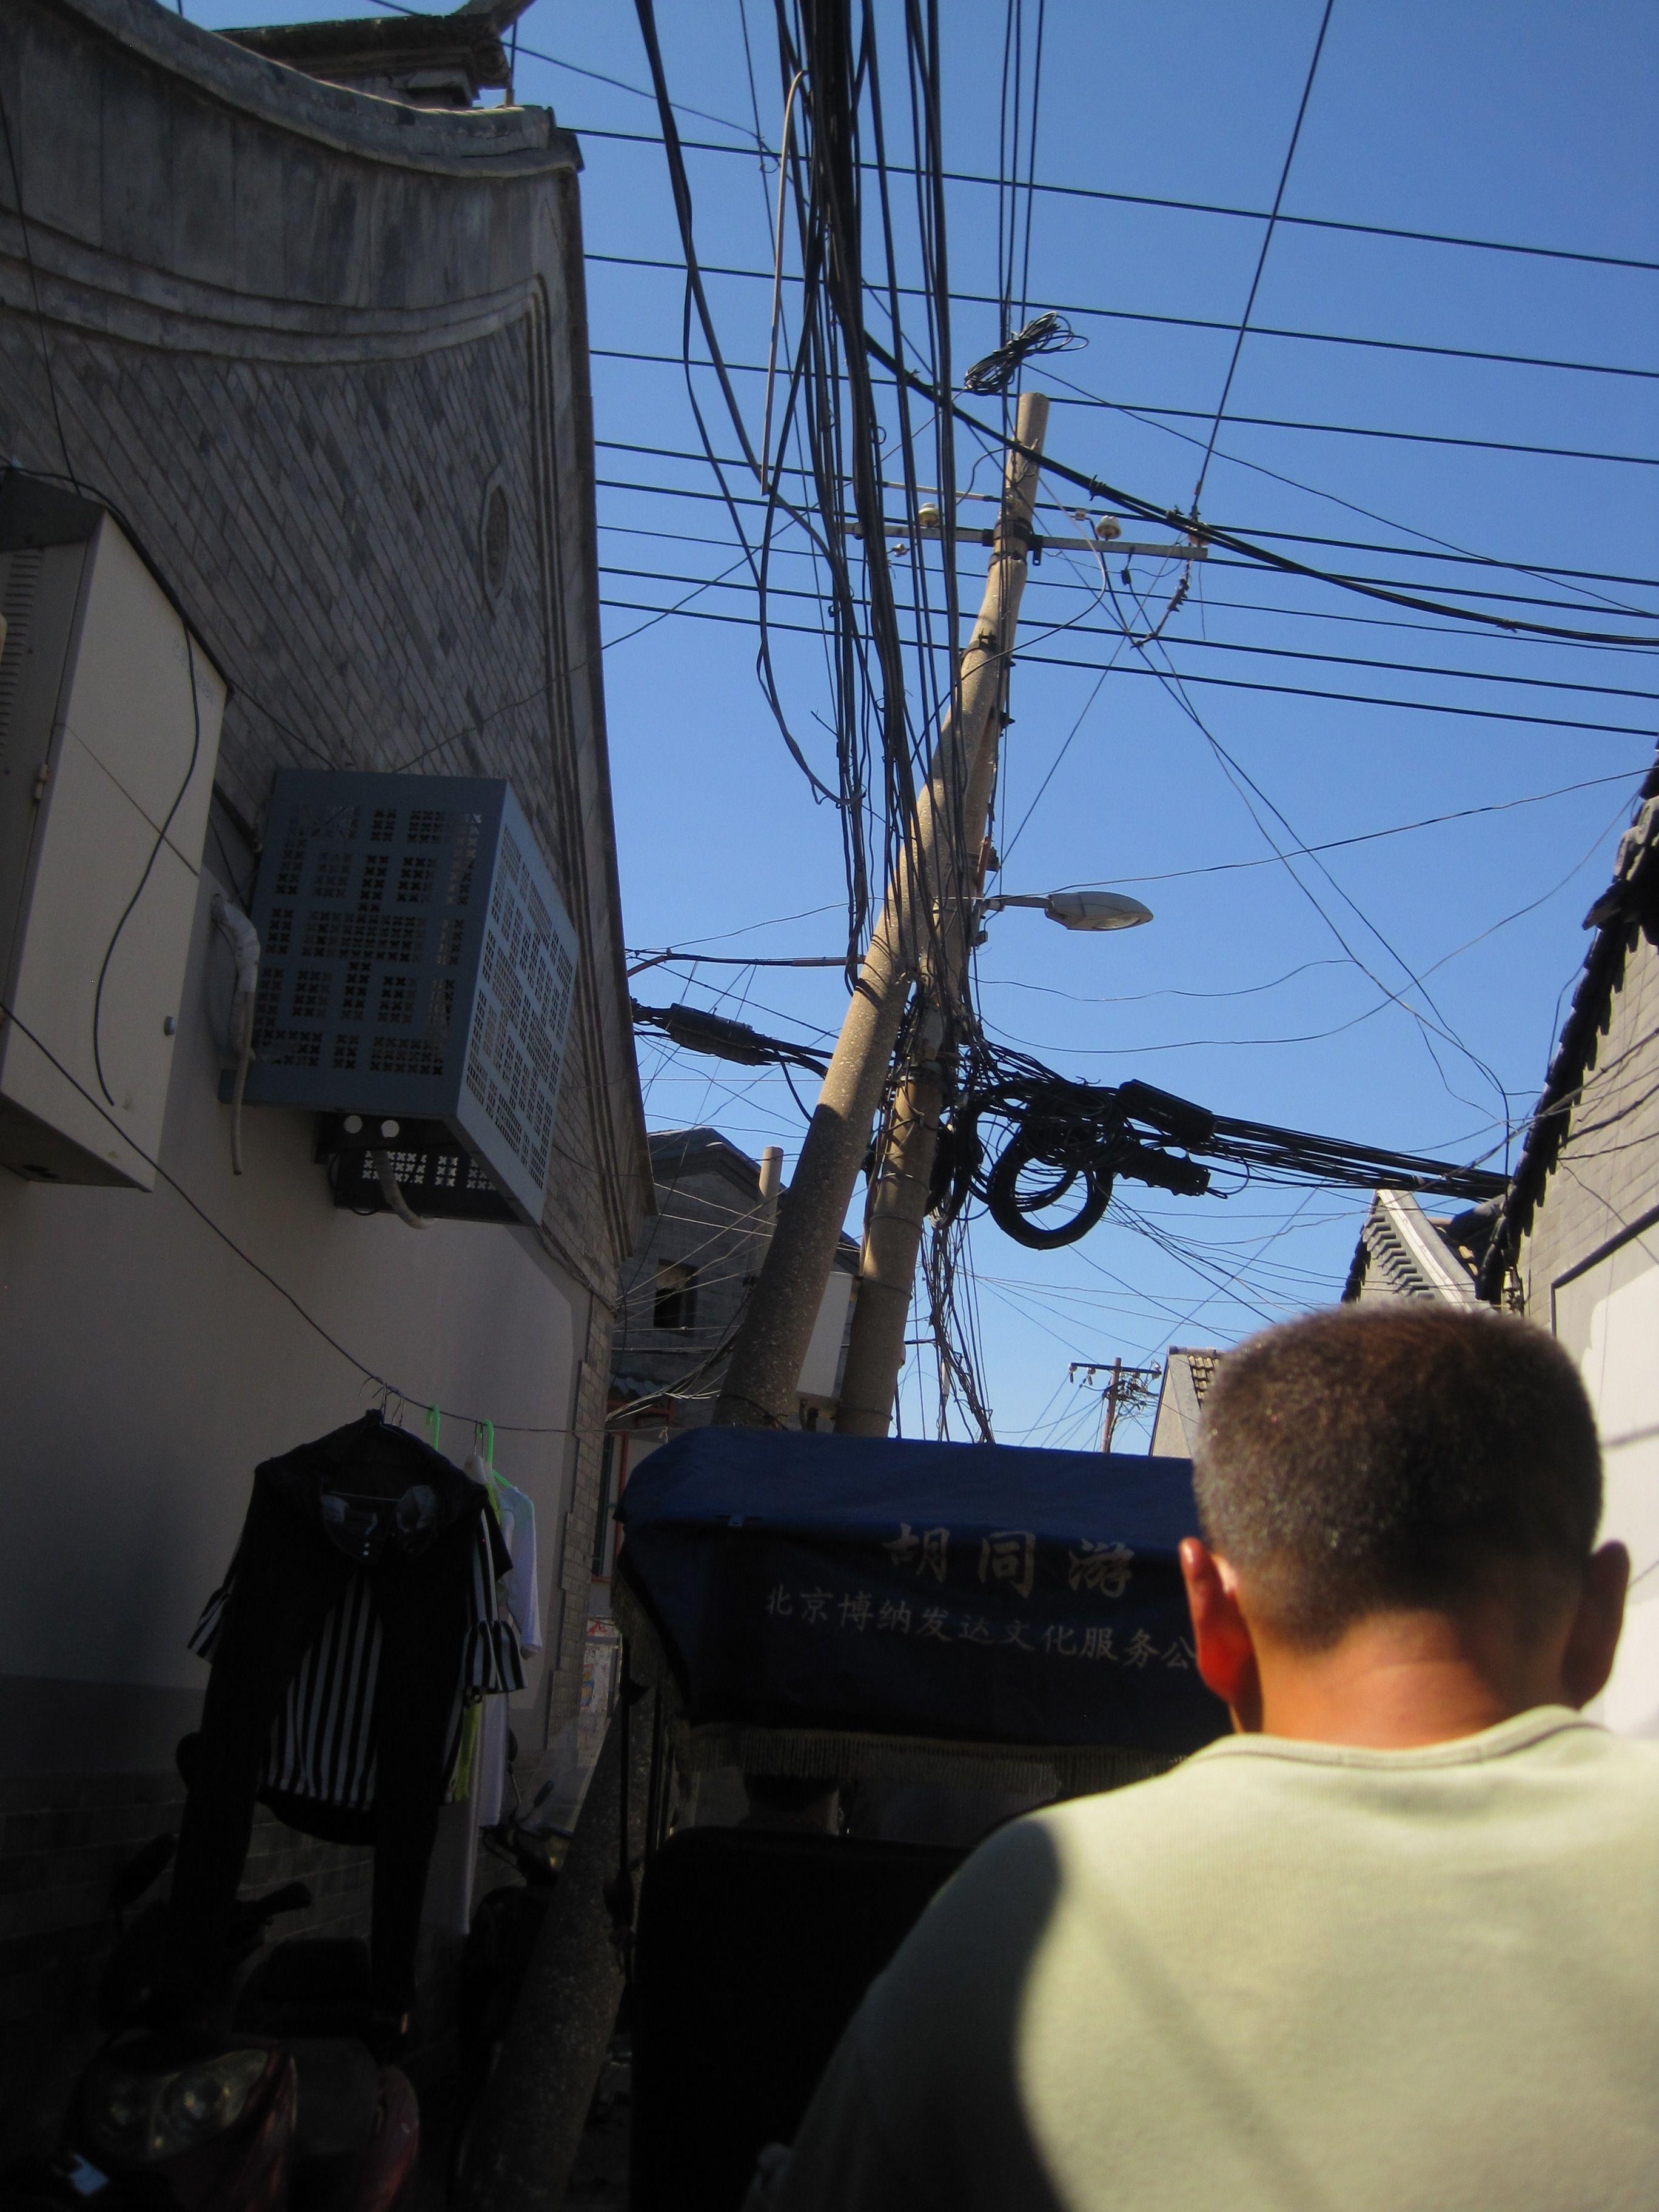 020715 Beijing hutongeja sähköavusteisin polkupyöräriksan kyydissä. Huom sähköasennukset.